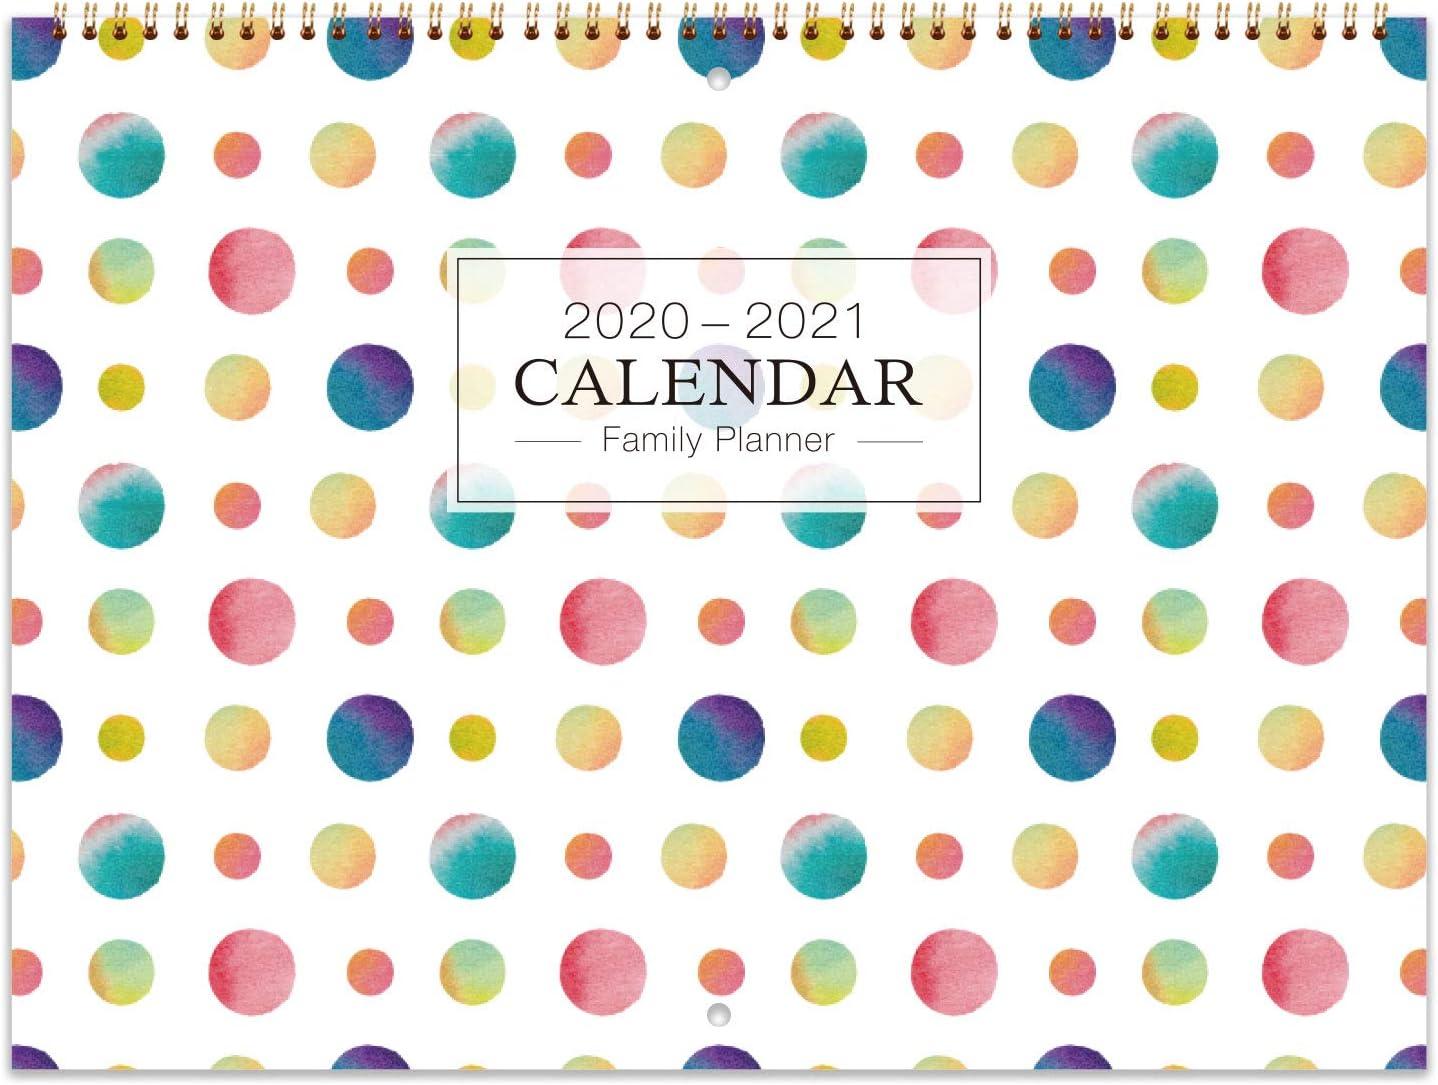 Reliure M/étallique OUVERT Lorganisateur Familial de Juillet 2020 /à Juin 2021 Calendrier 2020-2021 Mural//Agenda Familial Double 39X58 cm Rouge poche Int/érieure 6 Blocs R/égl/és par Jour